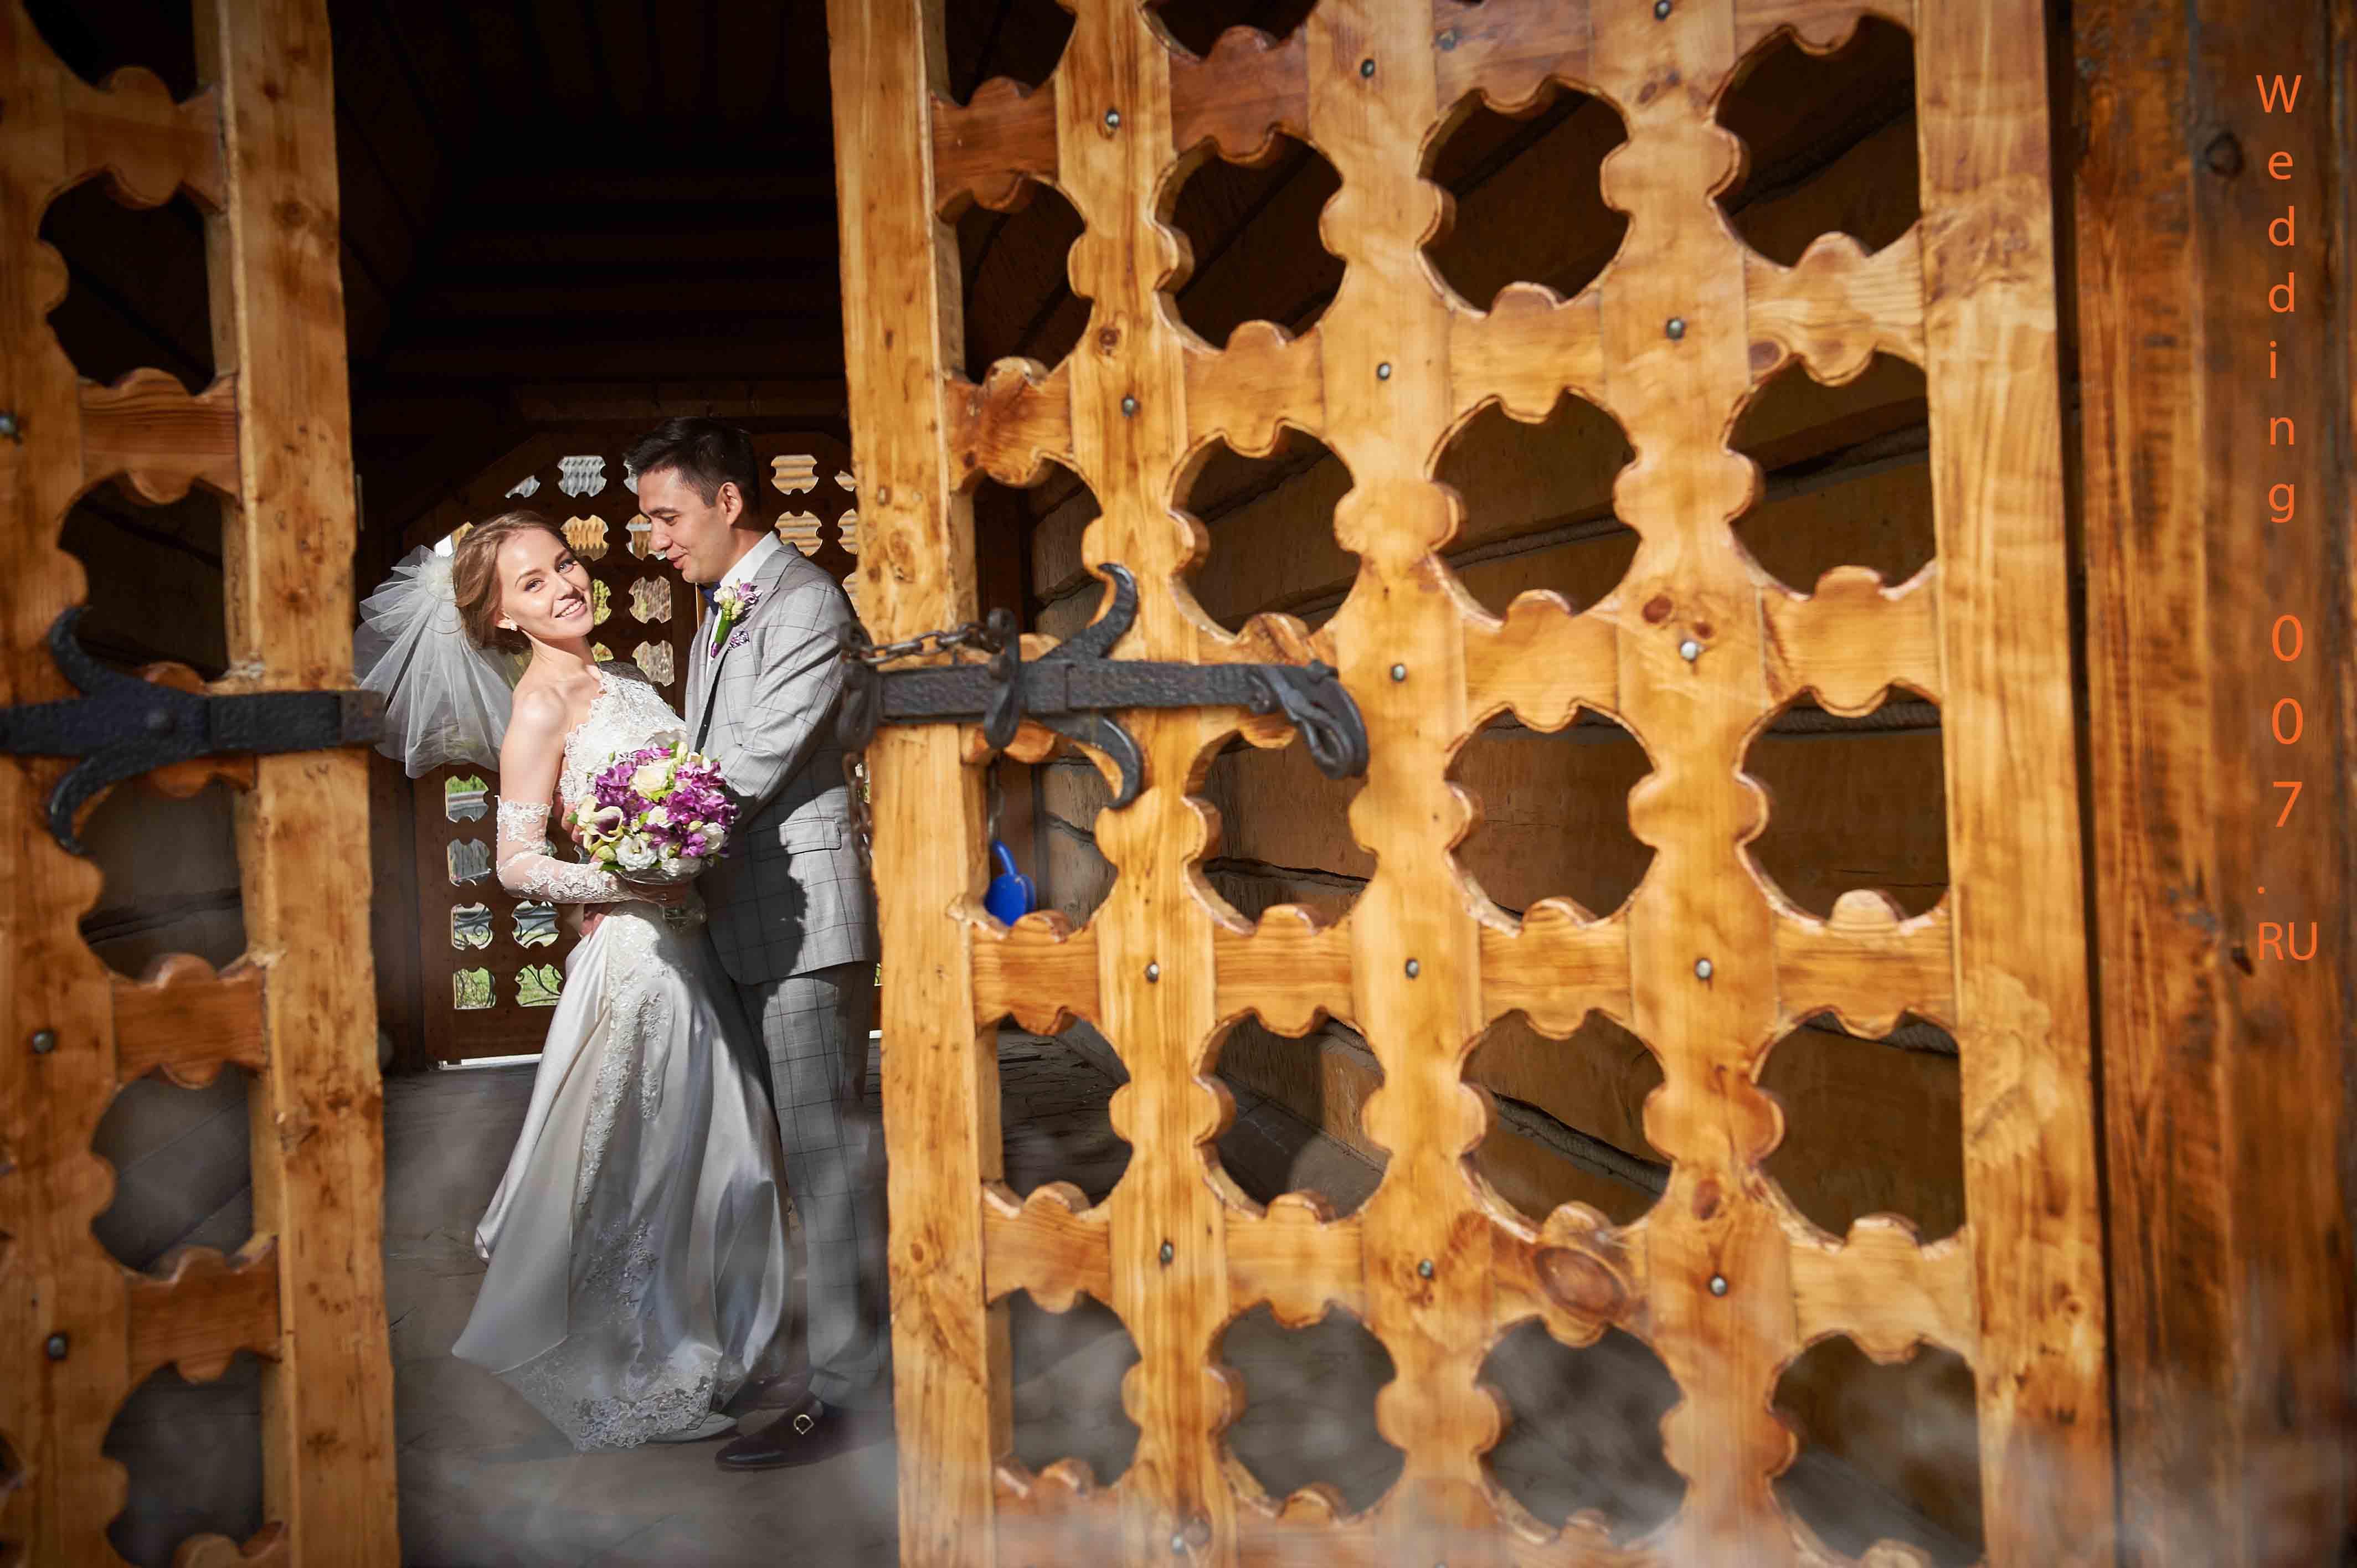 Недорогая видеосьемка свадьбы